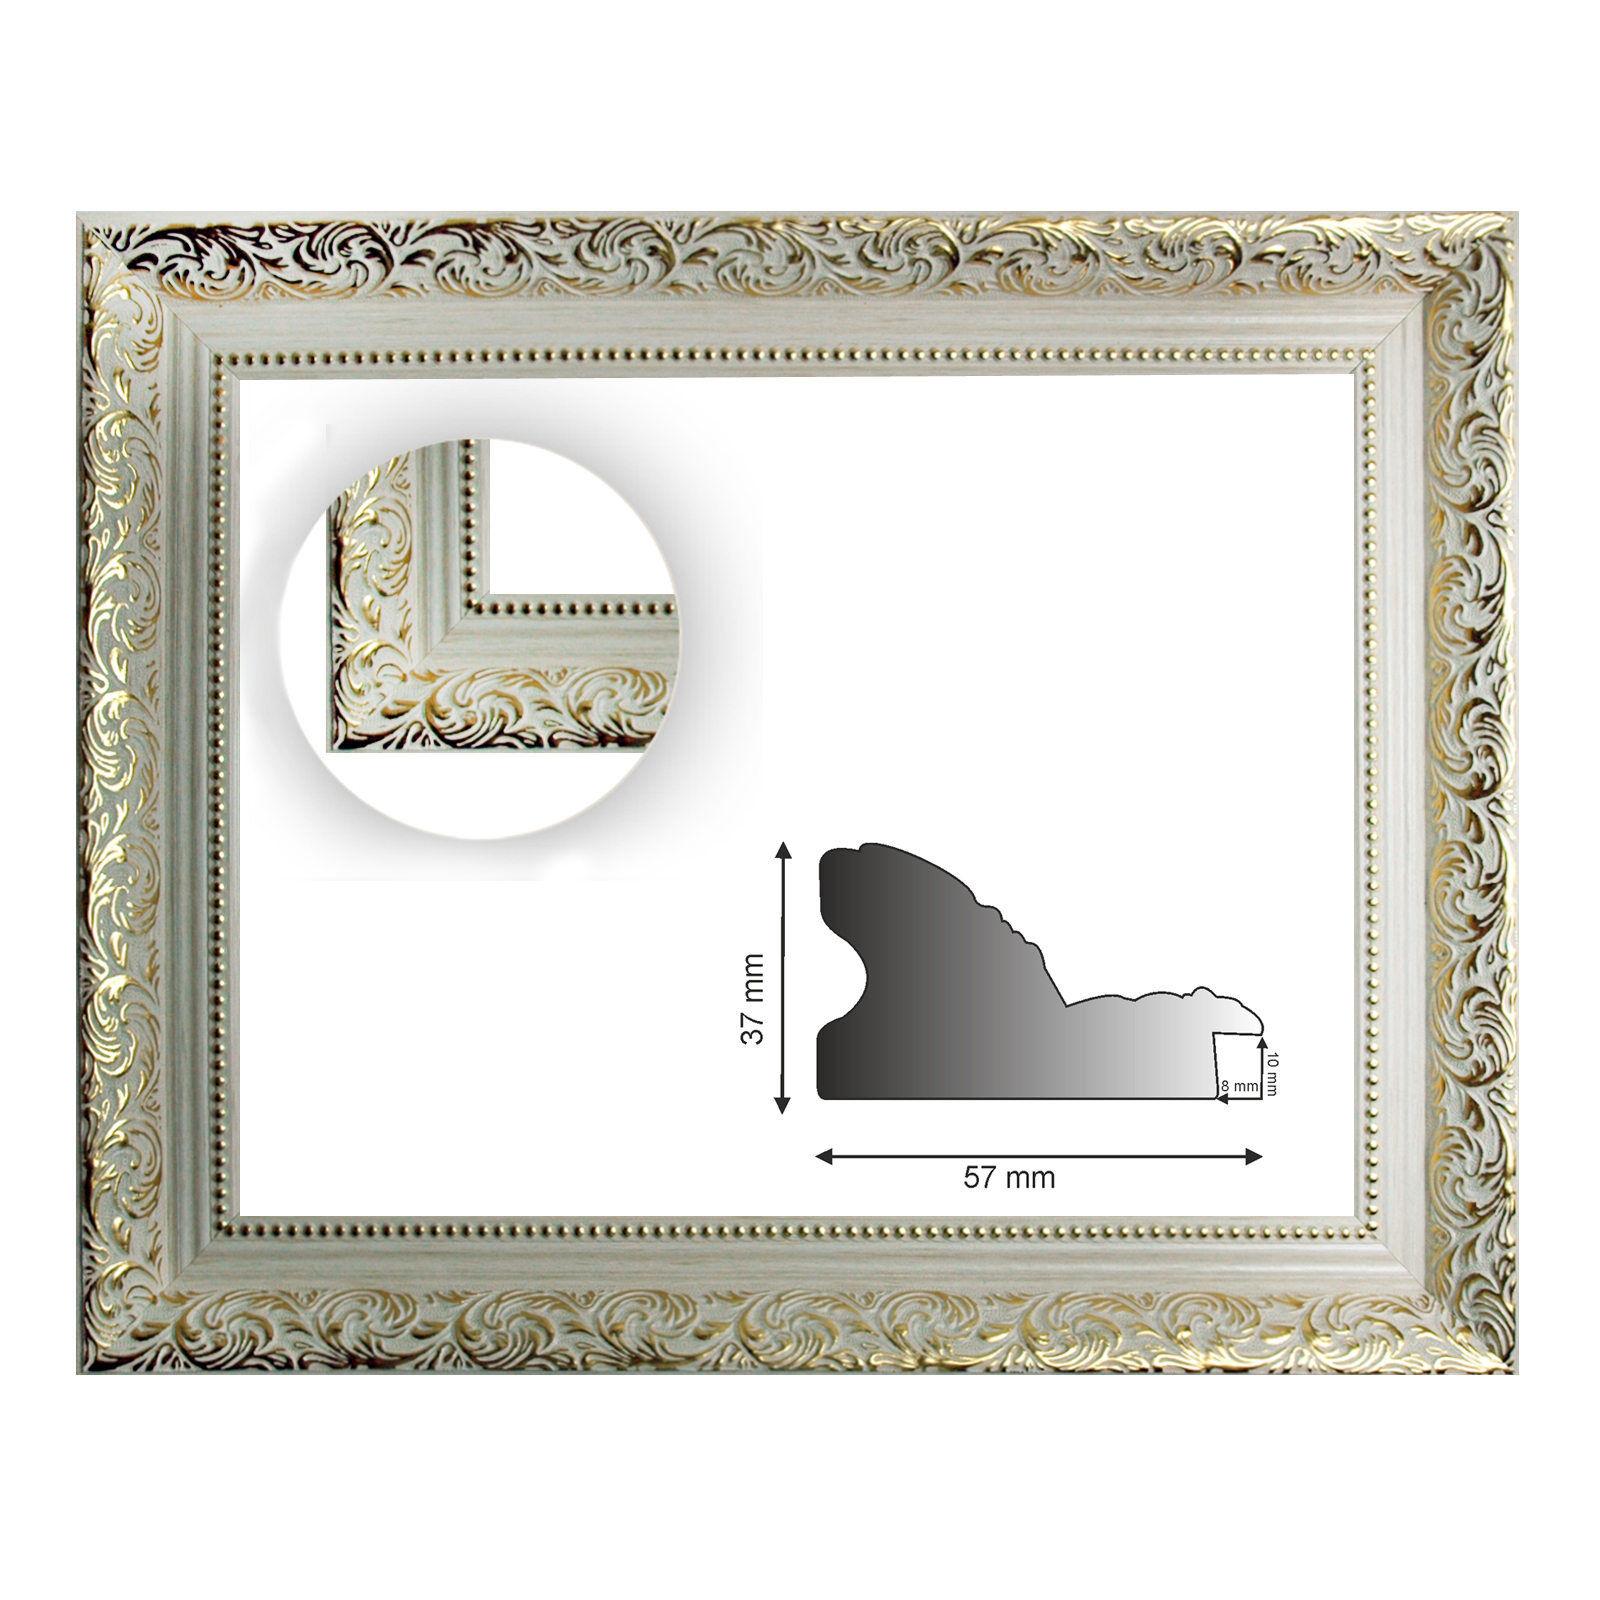 cadre baroque blanc or décoré BIA 469 BIA décoré / ORO, des variantes différentes 03b351